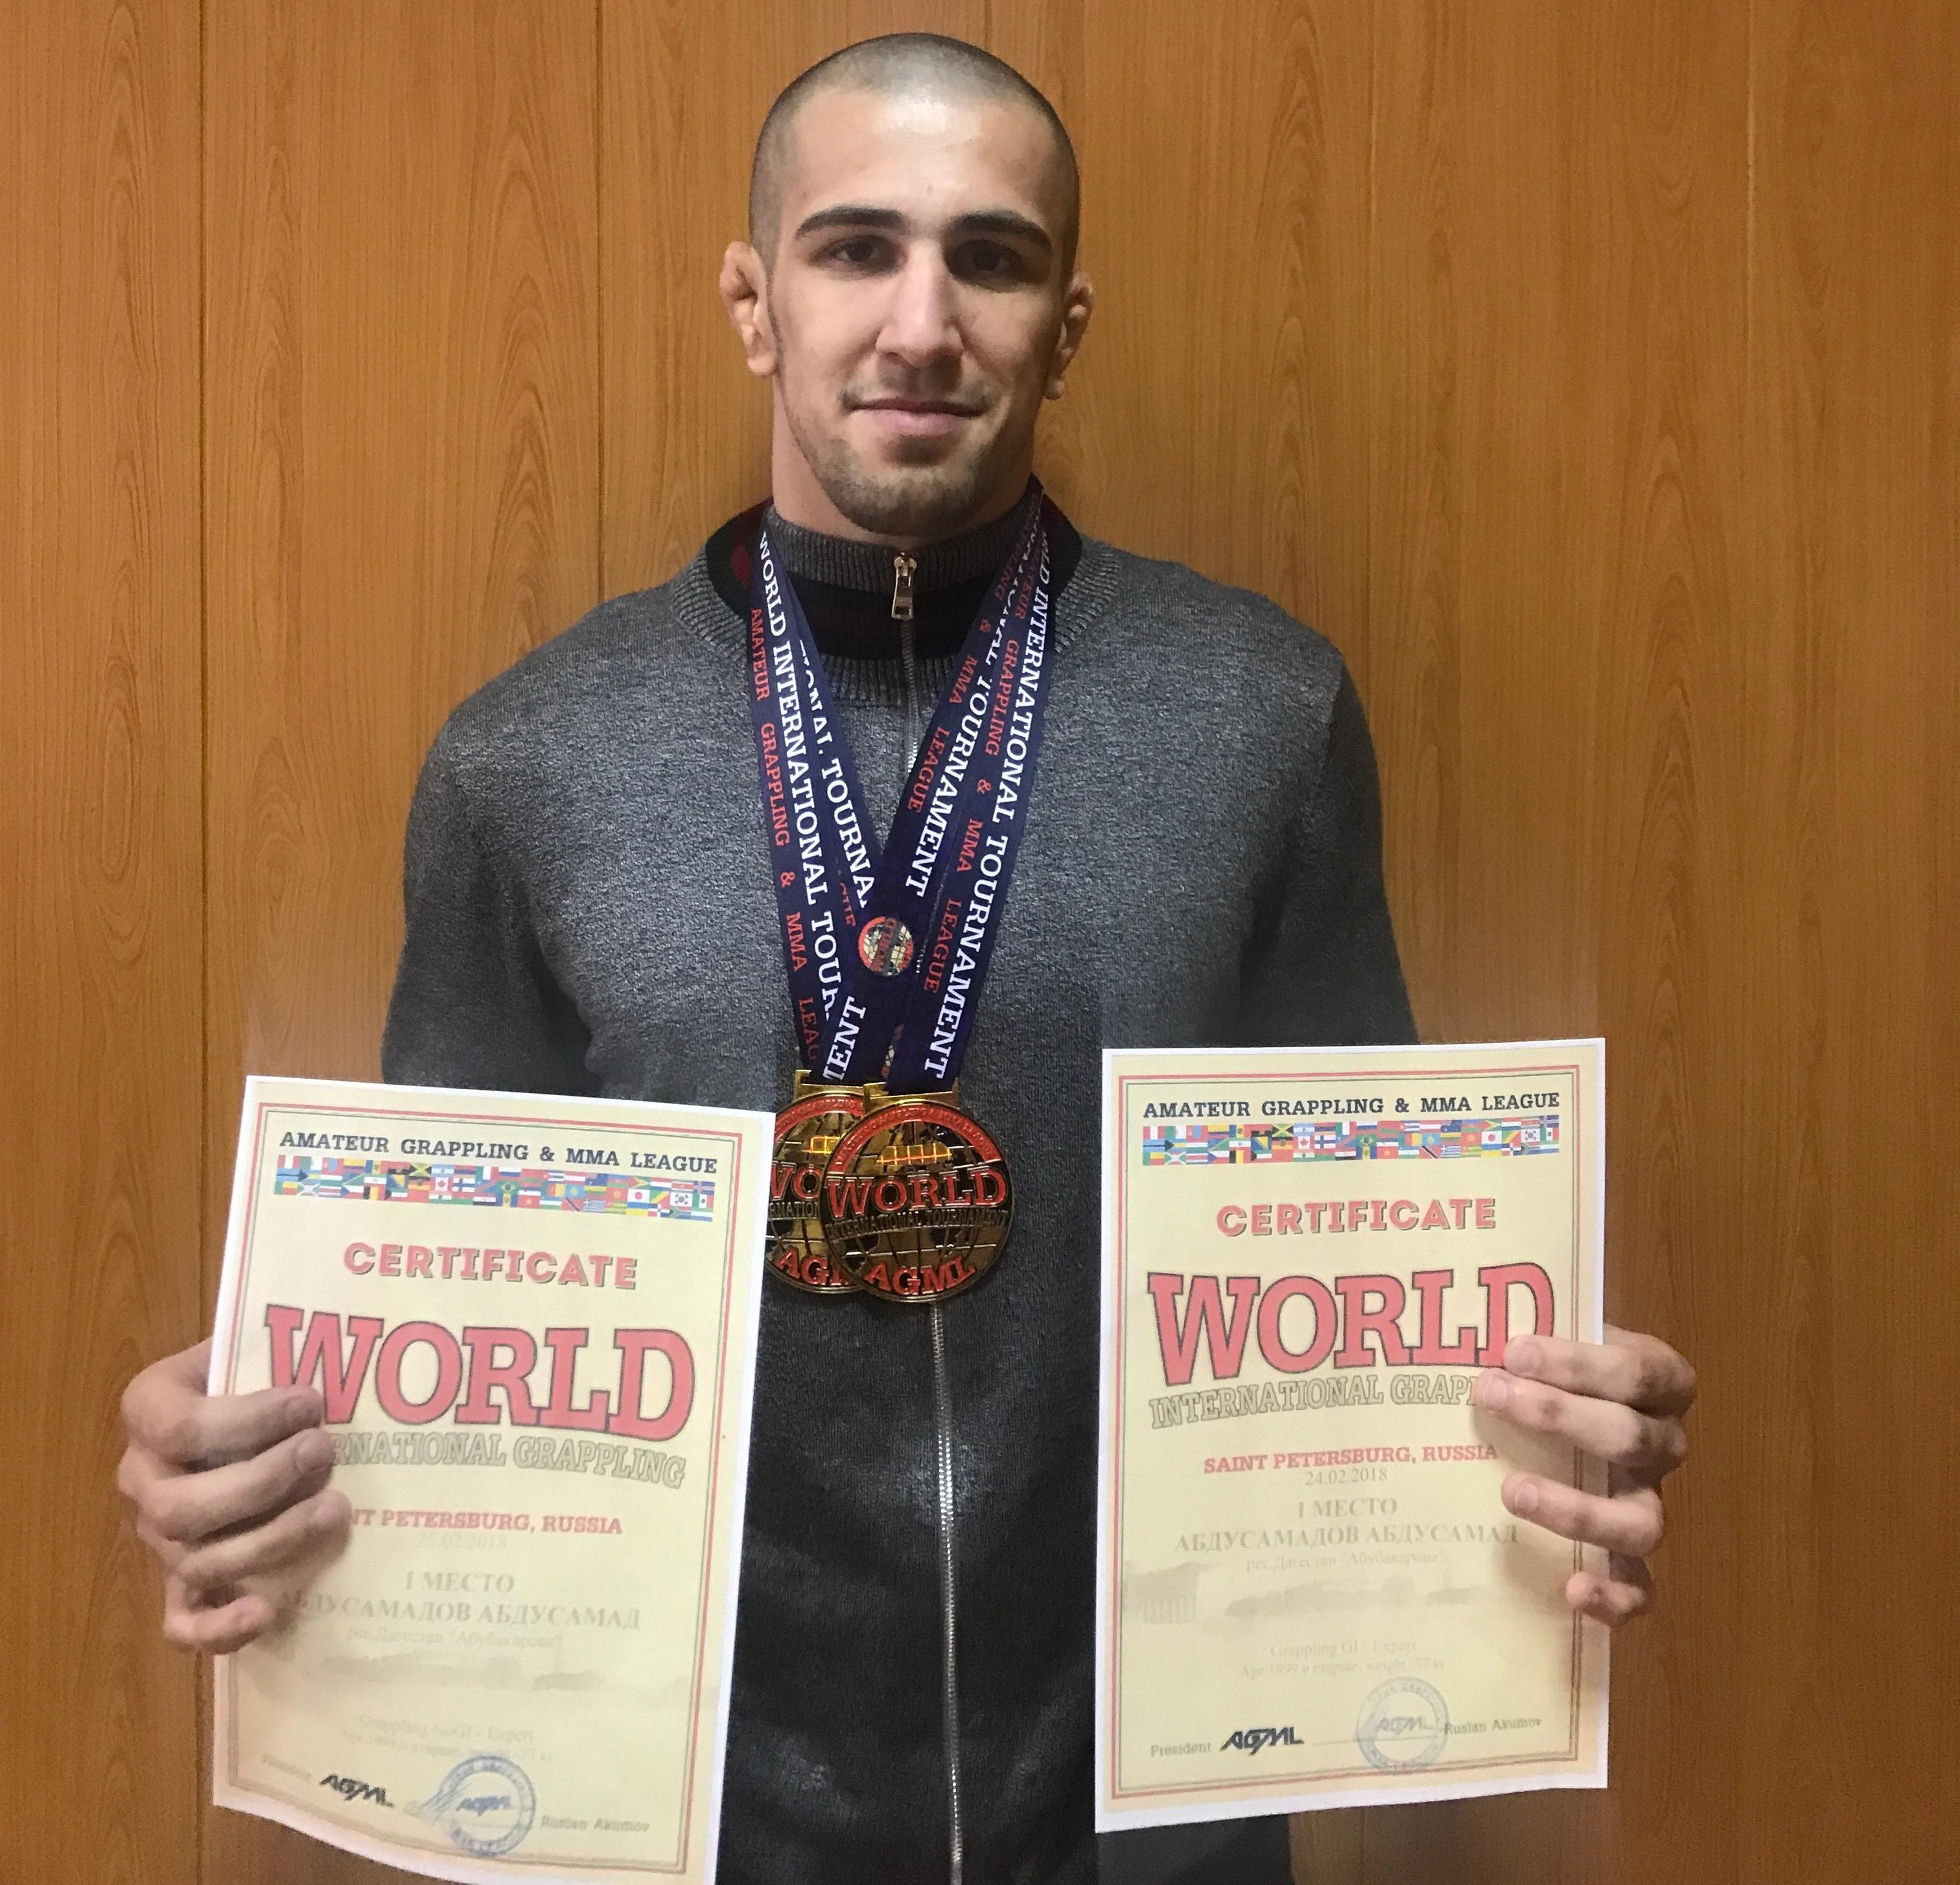 Дагестанский студент победил на международном турнире по грэпплингу